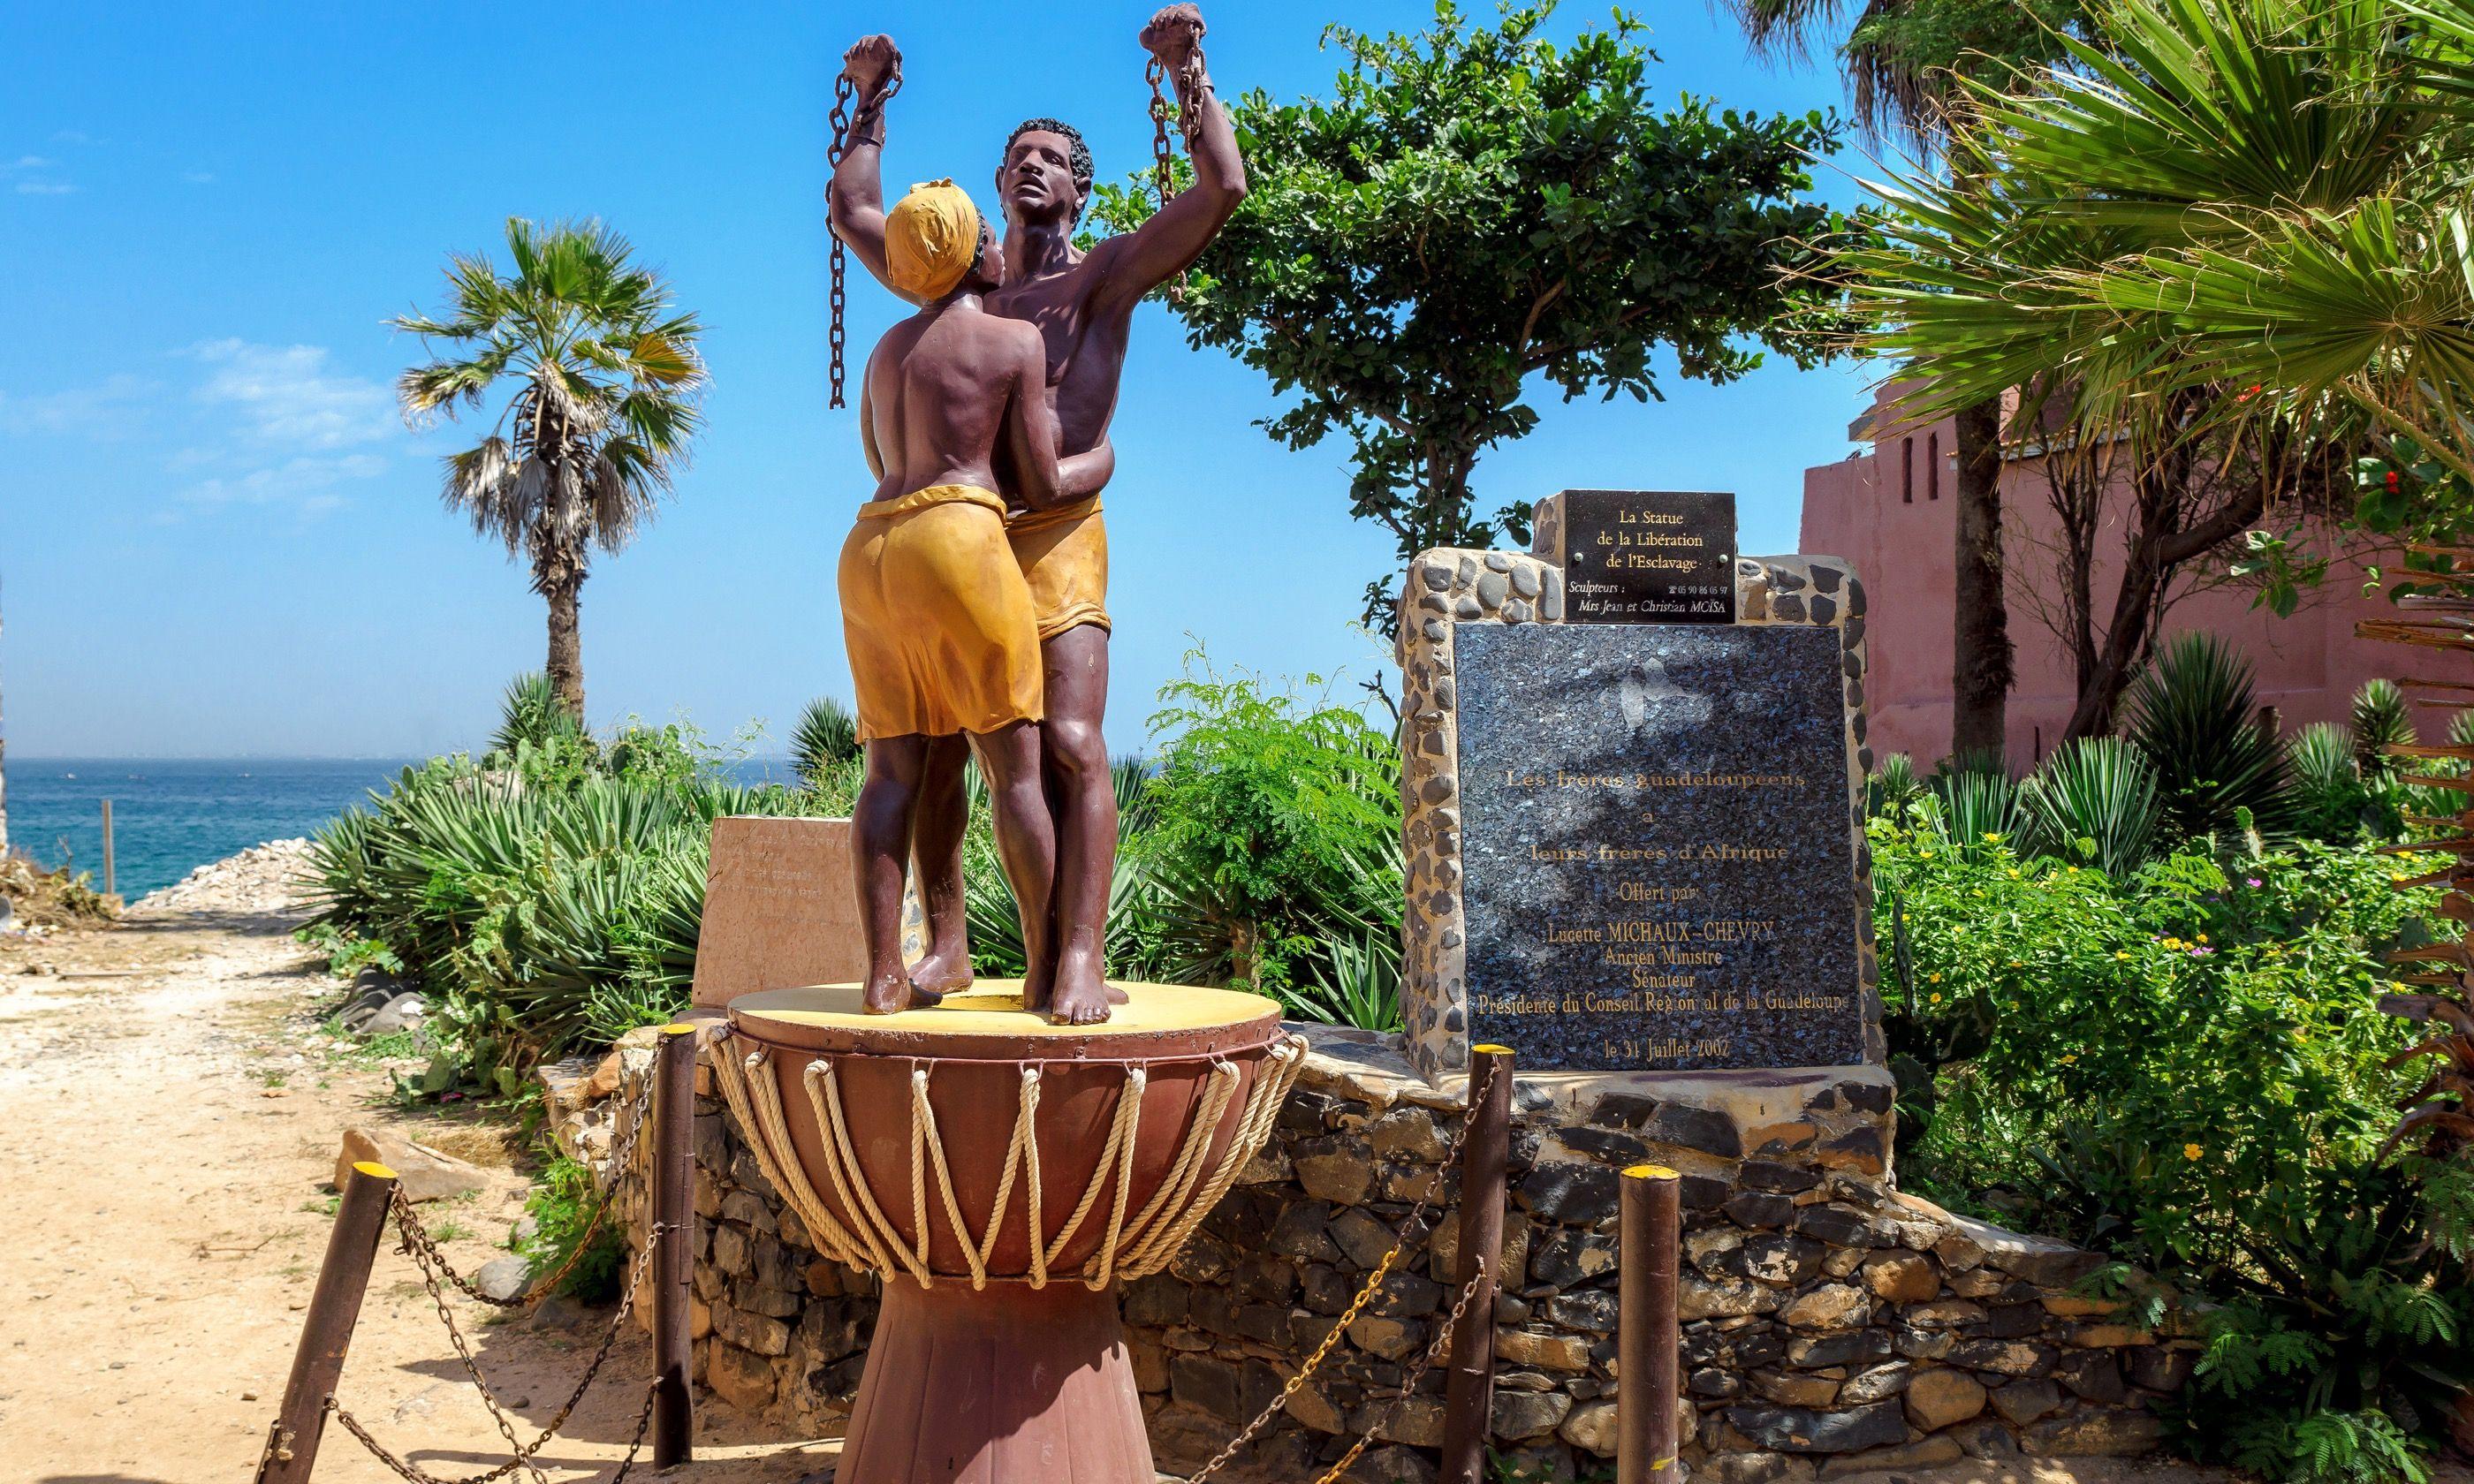 Slavery Freedom Monument, Gorée Island (Shutterstock.com)